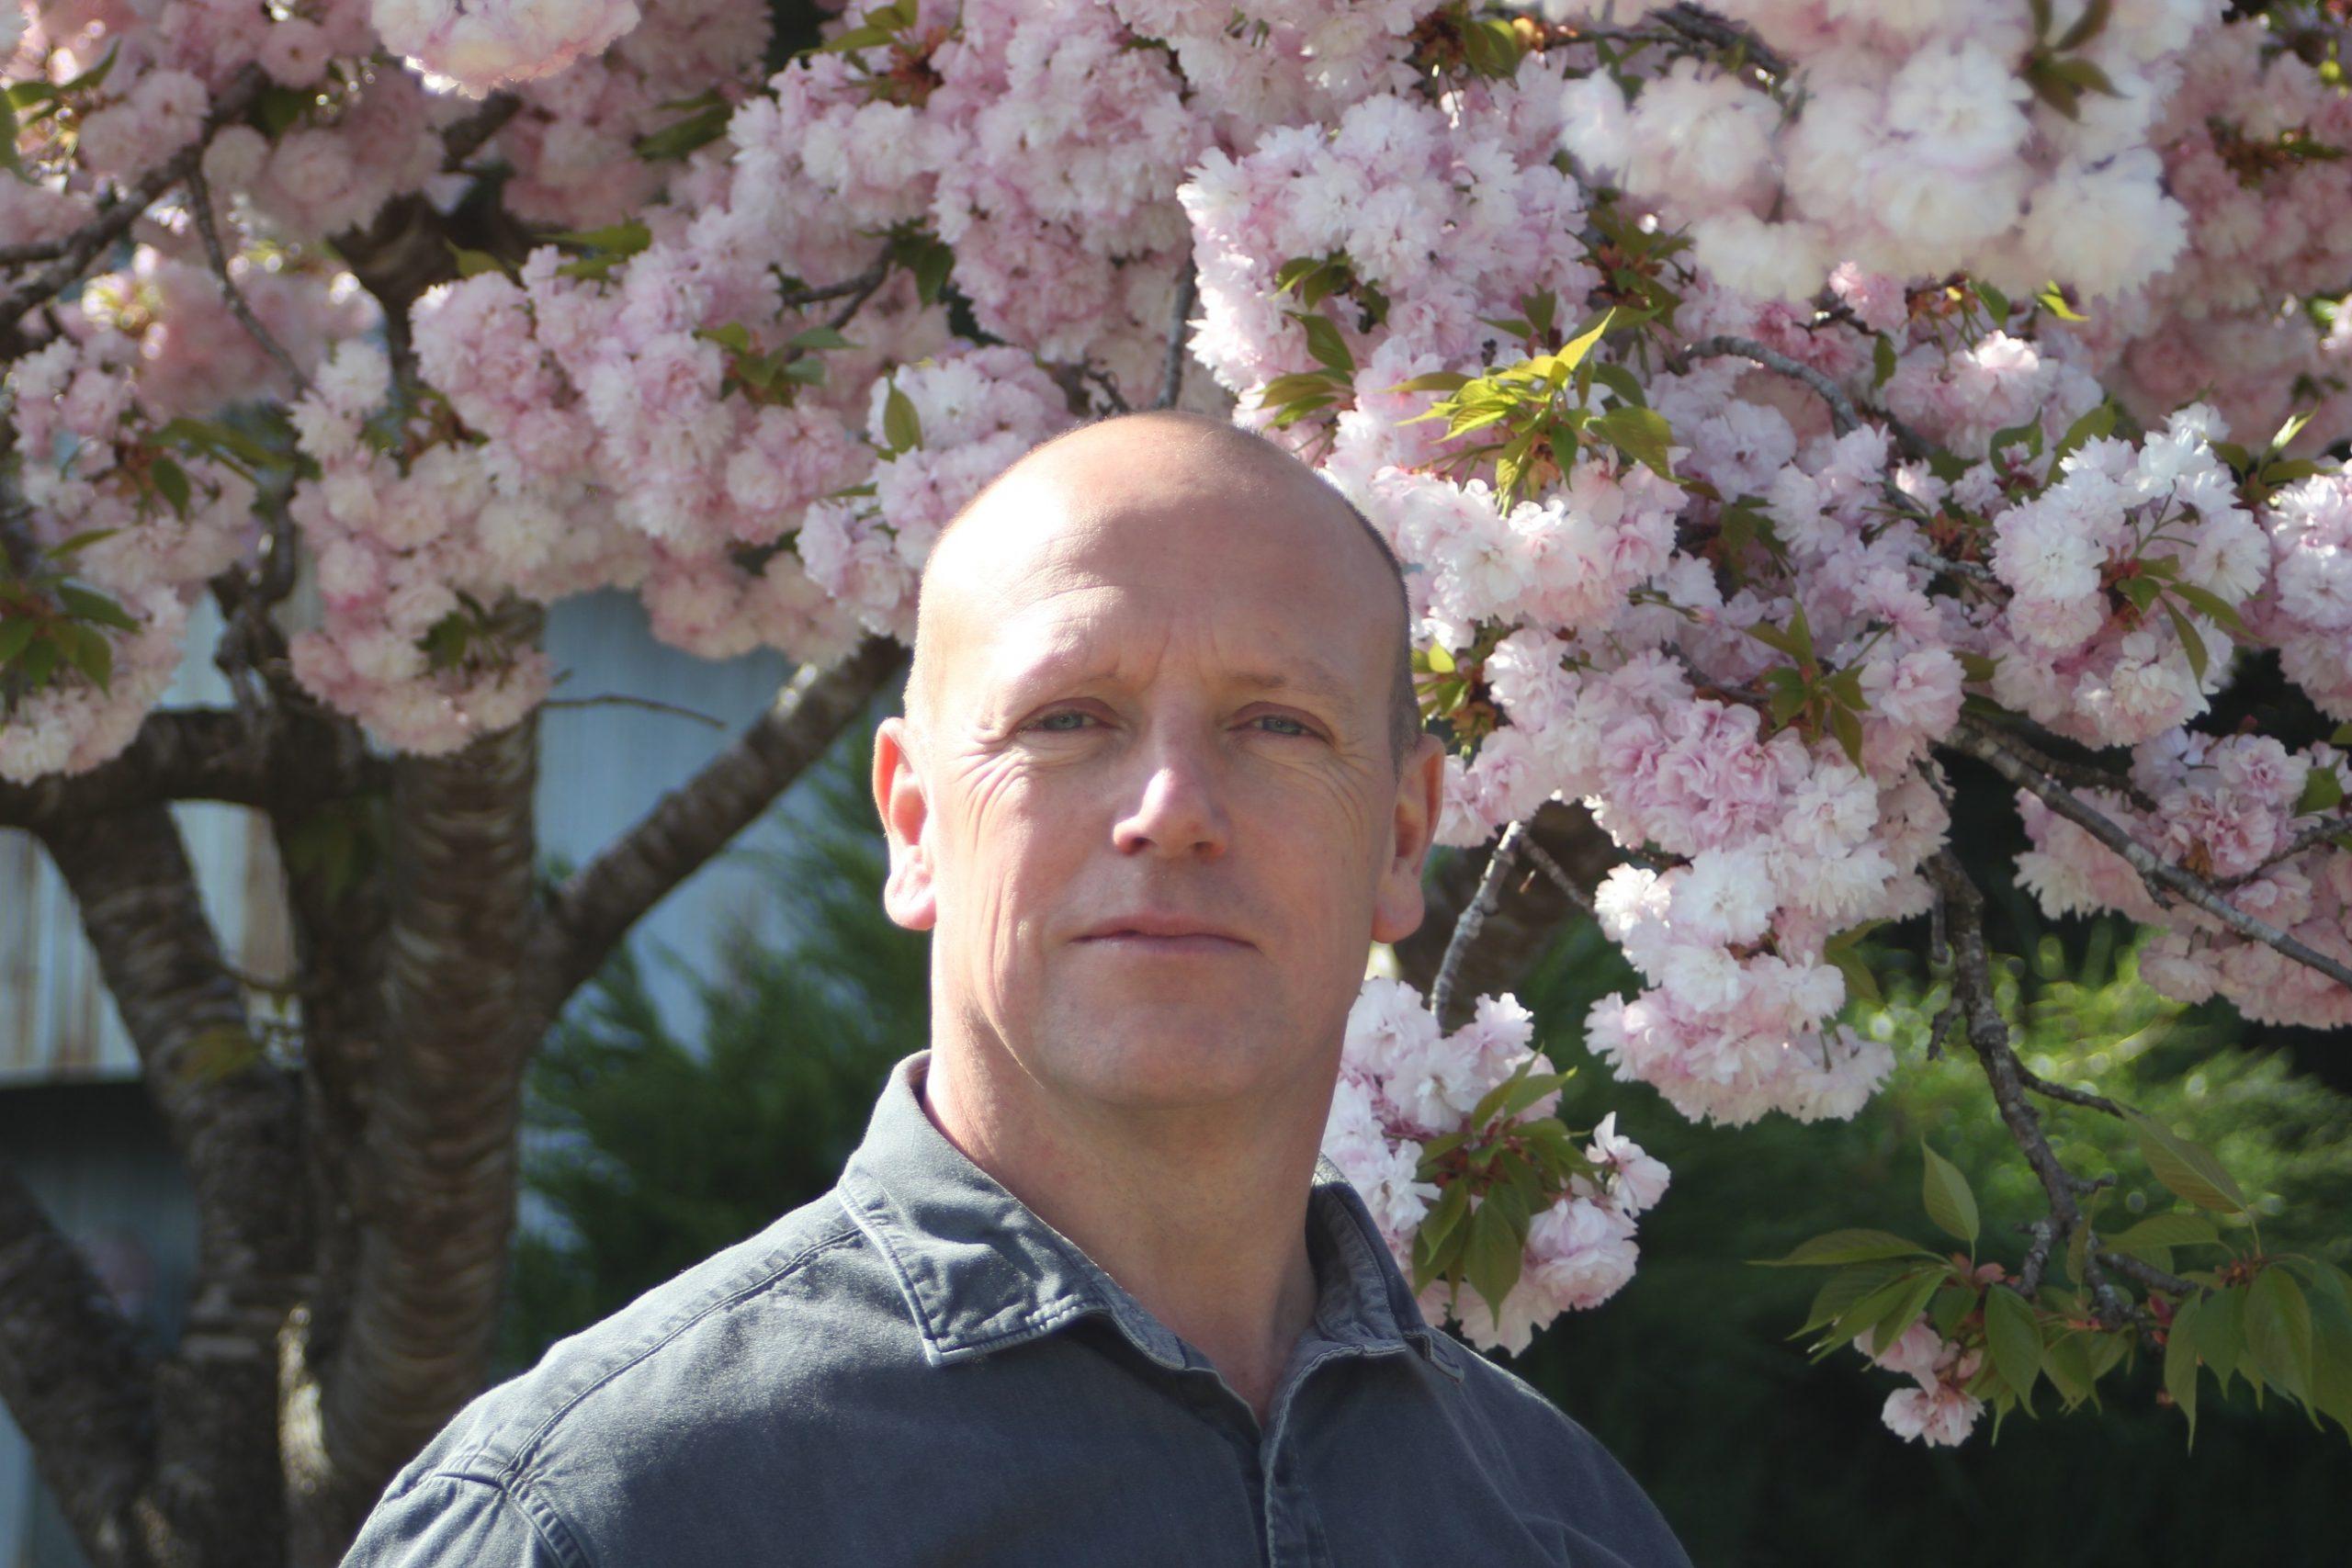 Iain Phillips